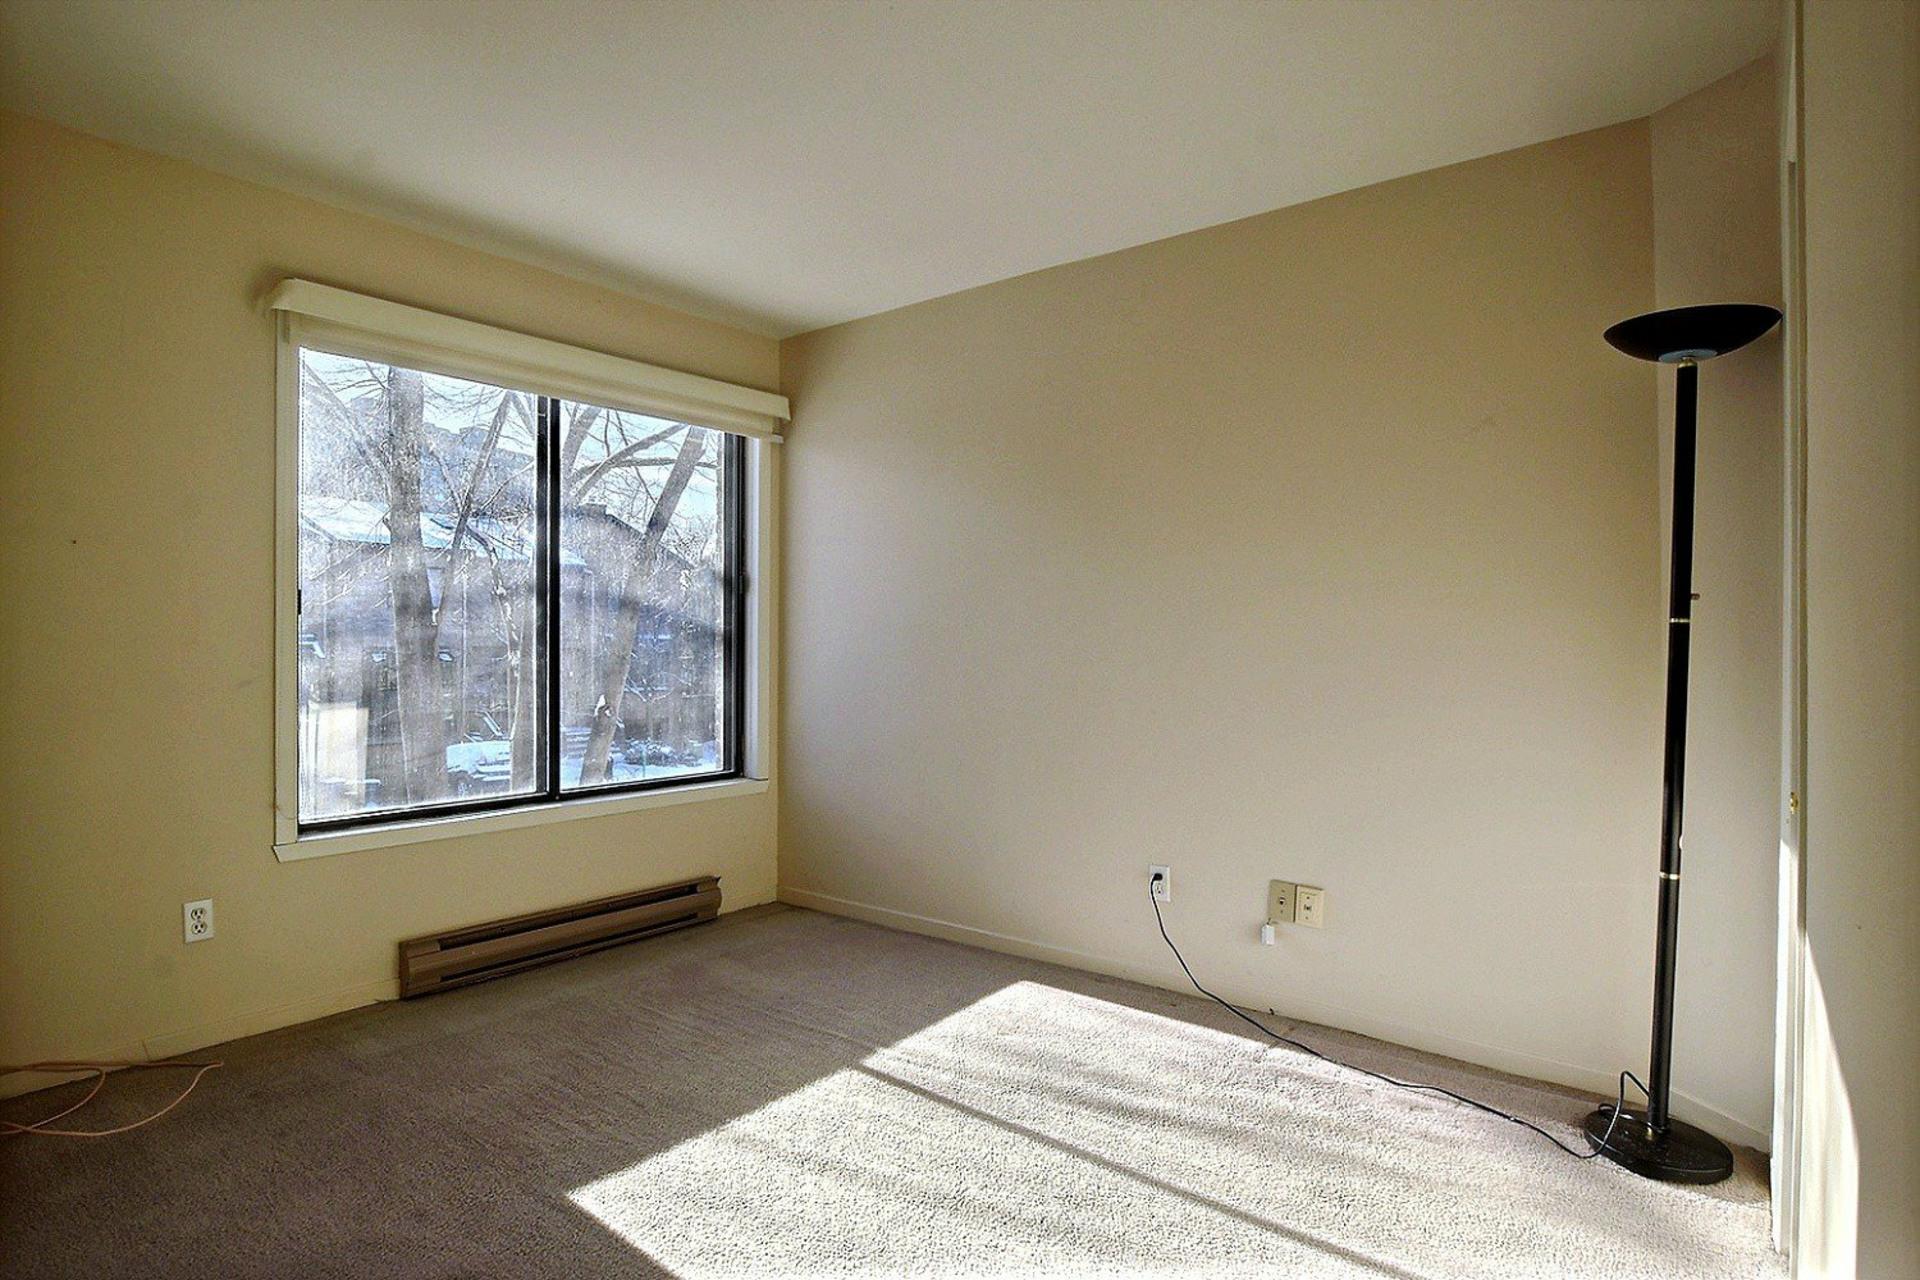 image 15 - Appartement À vendre Verdun/Île-des-Soeurs Montréal  - 7 pièces